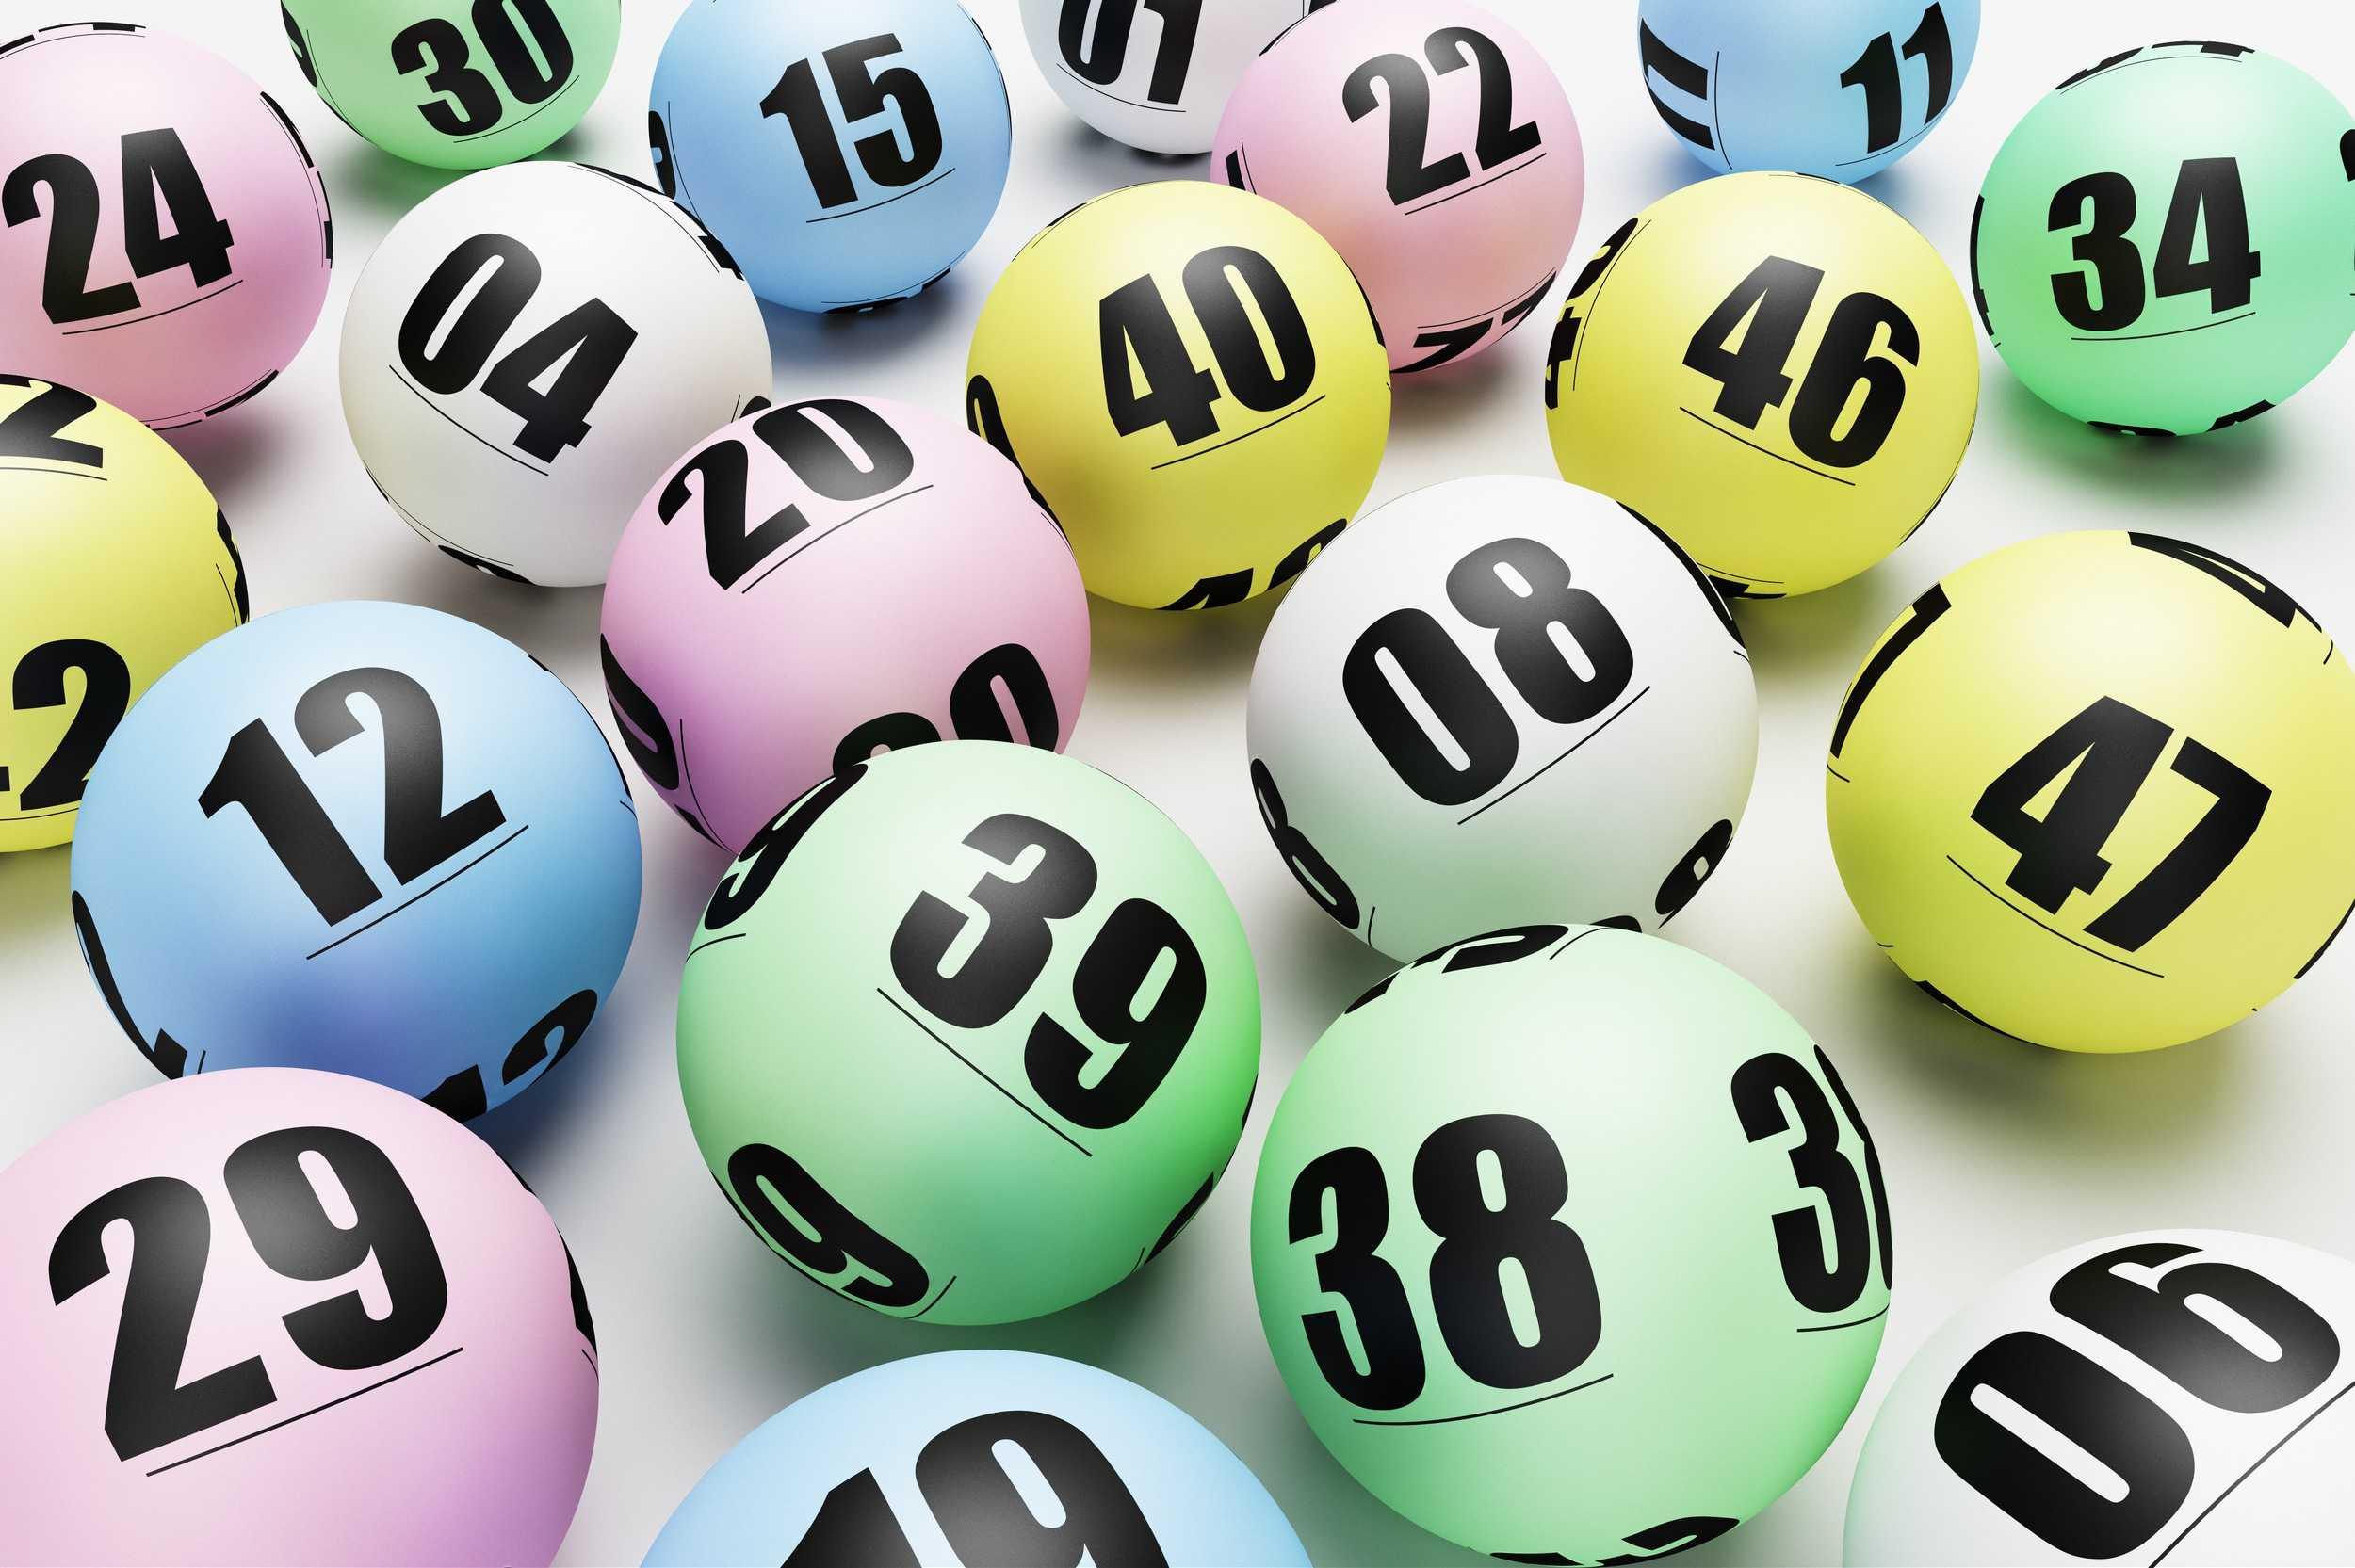 Германская лотерея lotto (6 из 49 + 1 из 10)